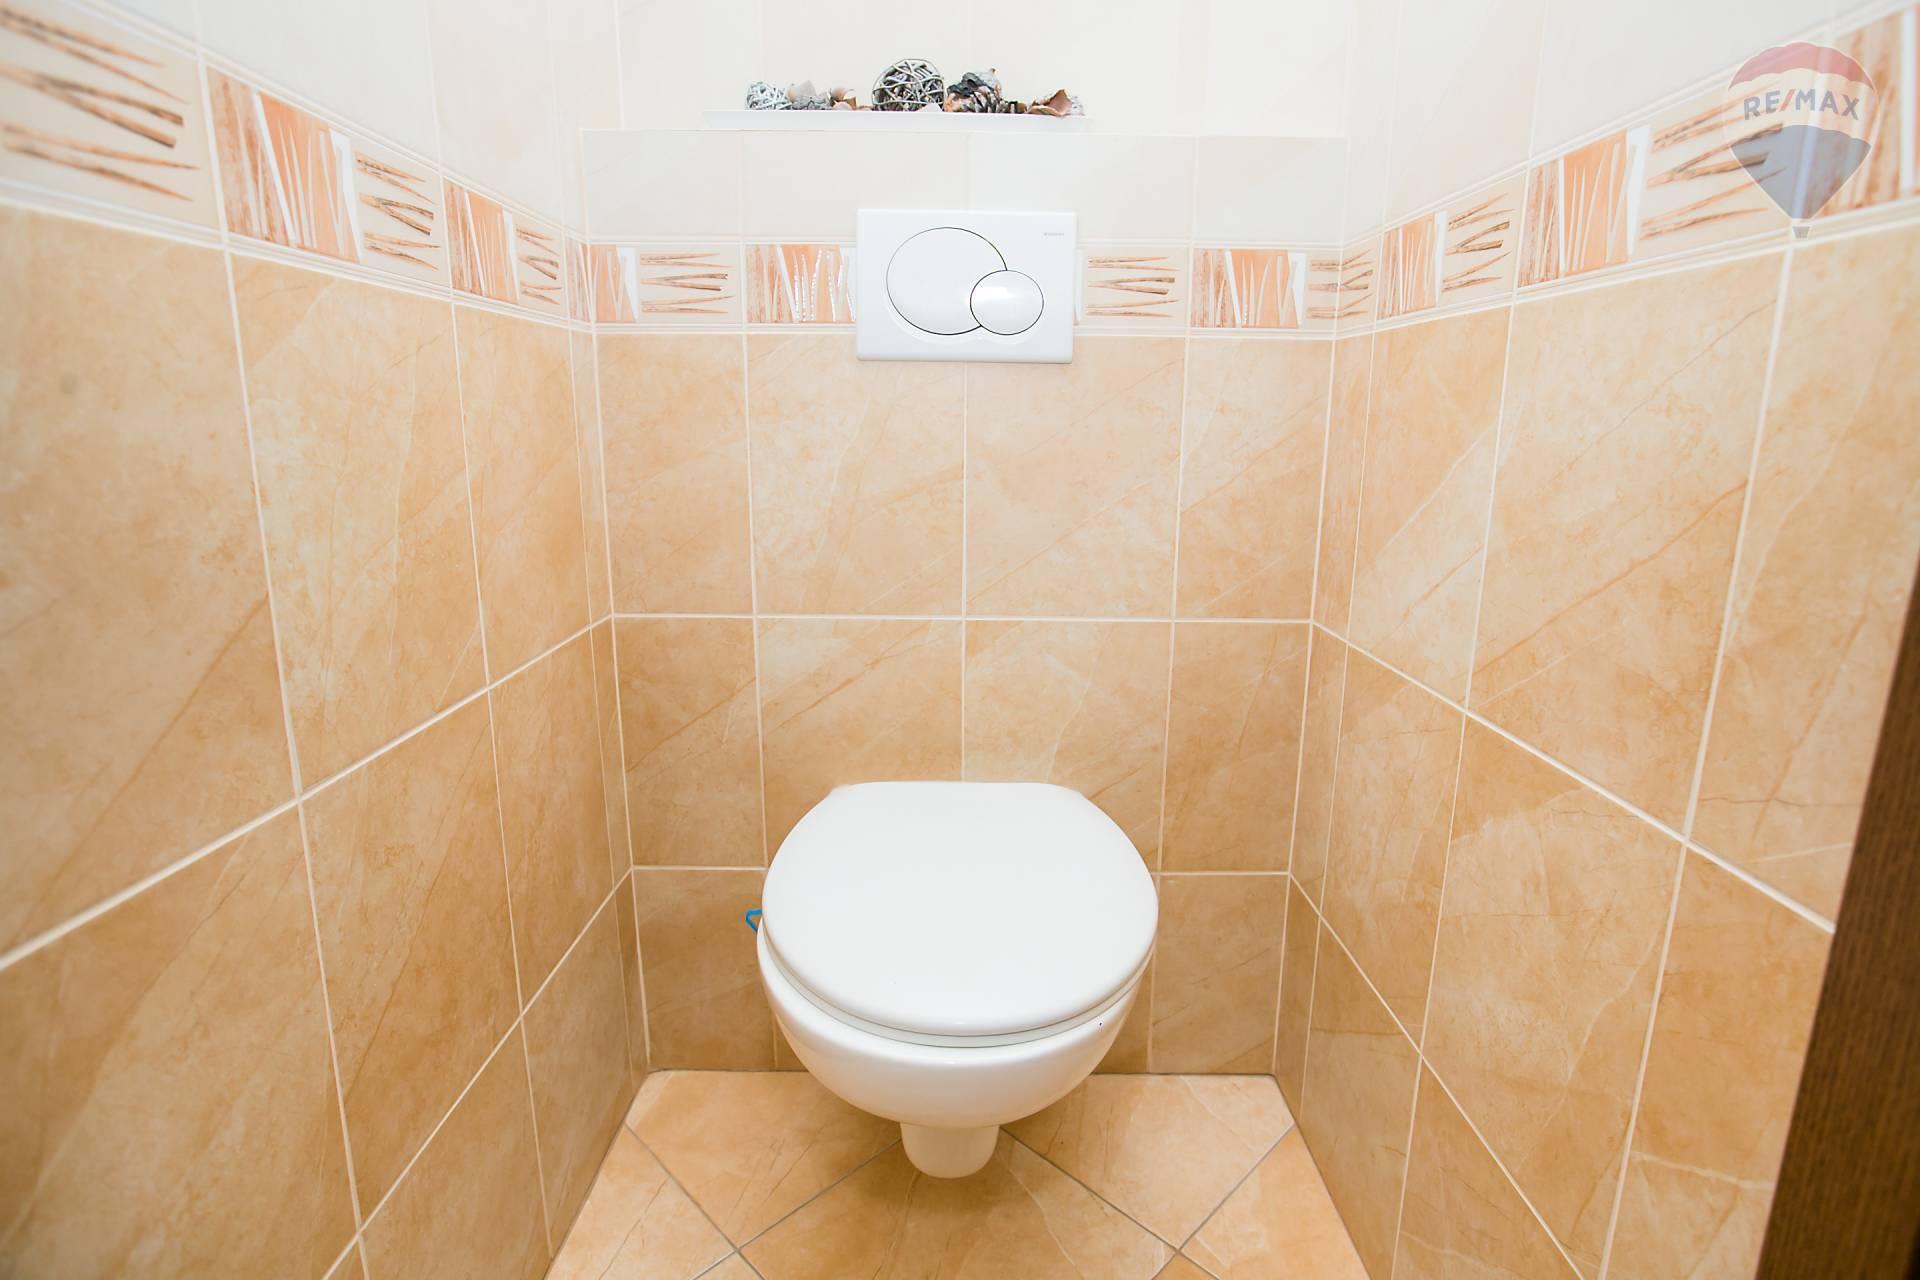 Prenájom bytu (2 izbový) 48 m2, Bratislava - Podunajské Biskupice - WC